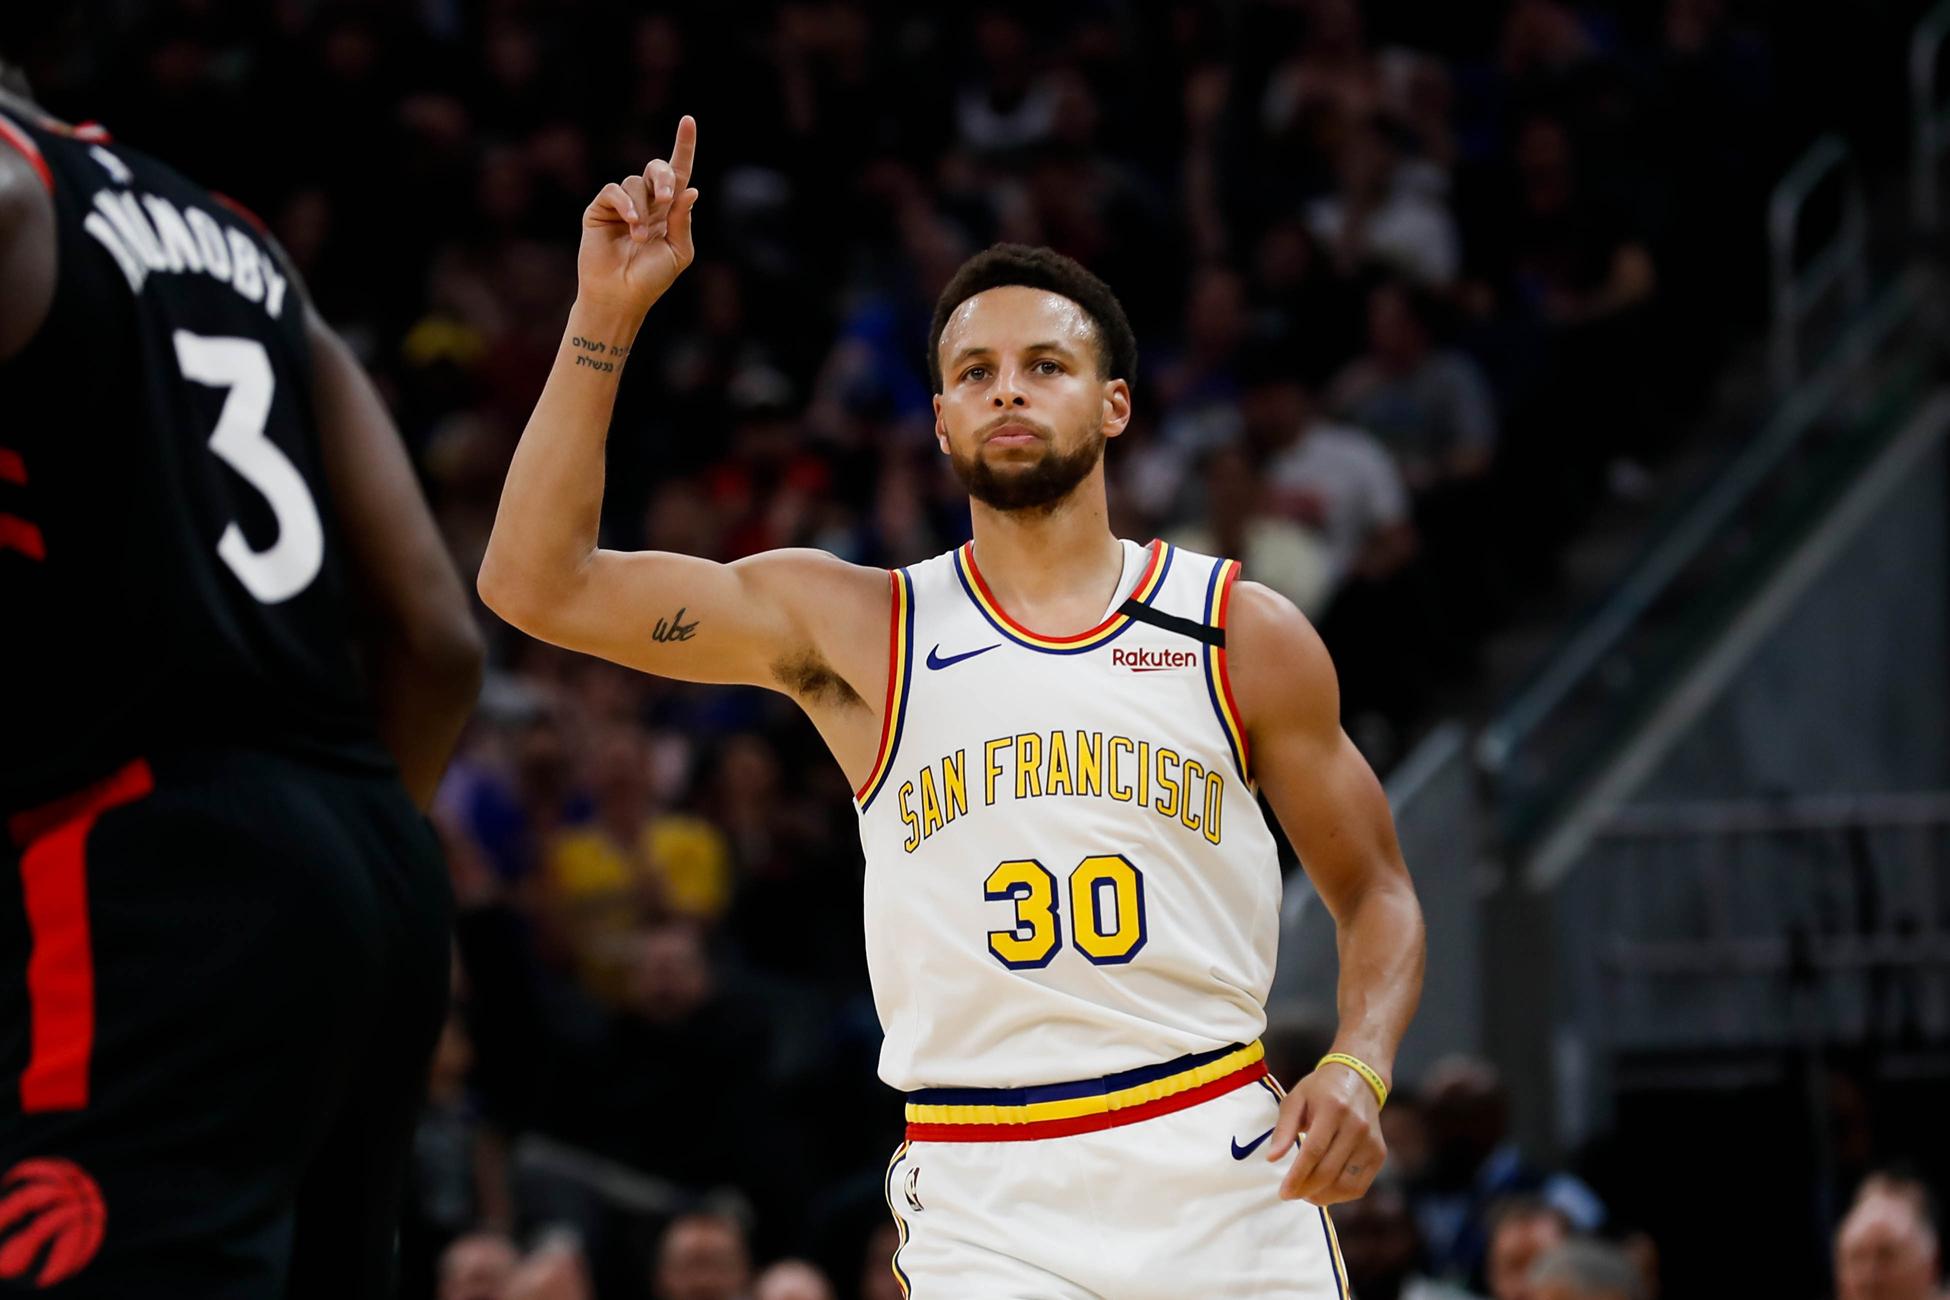 場均轟30分?名記預測Curry下賽季奪得分王,勇士會打出不輸任何球隊的進攻!